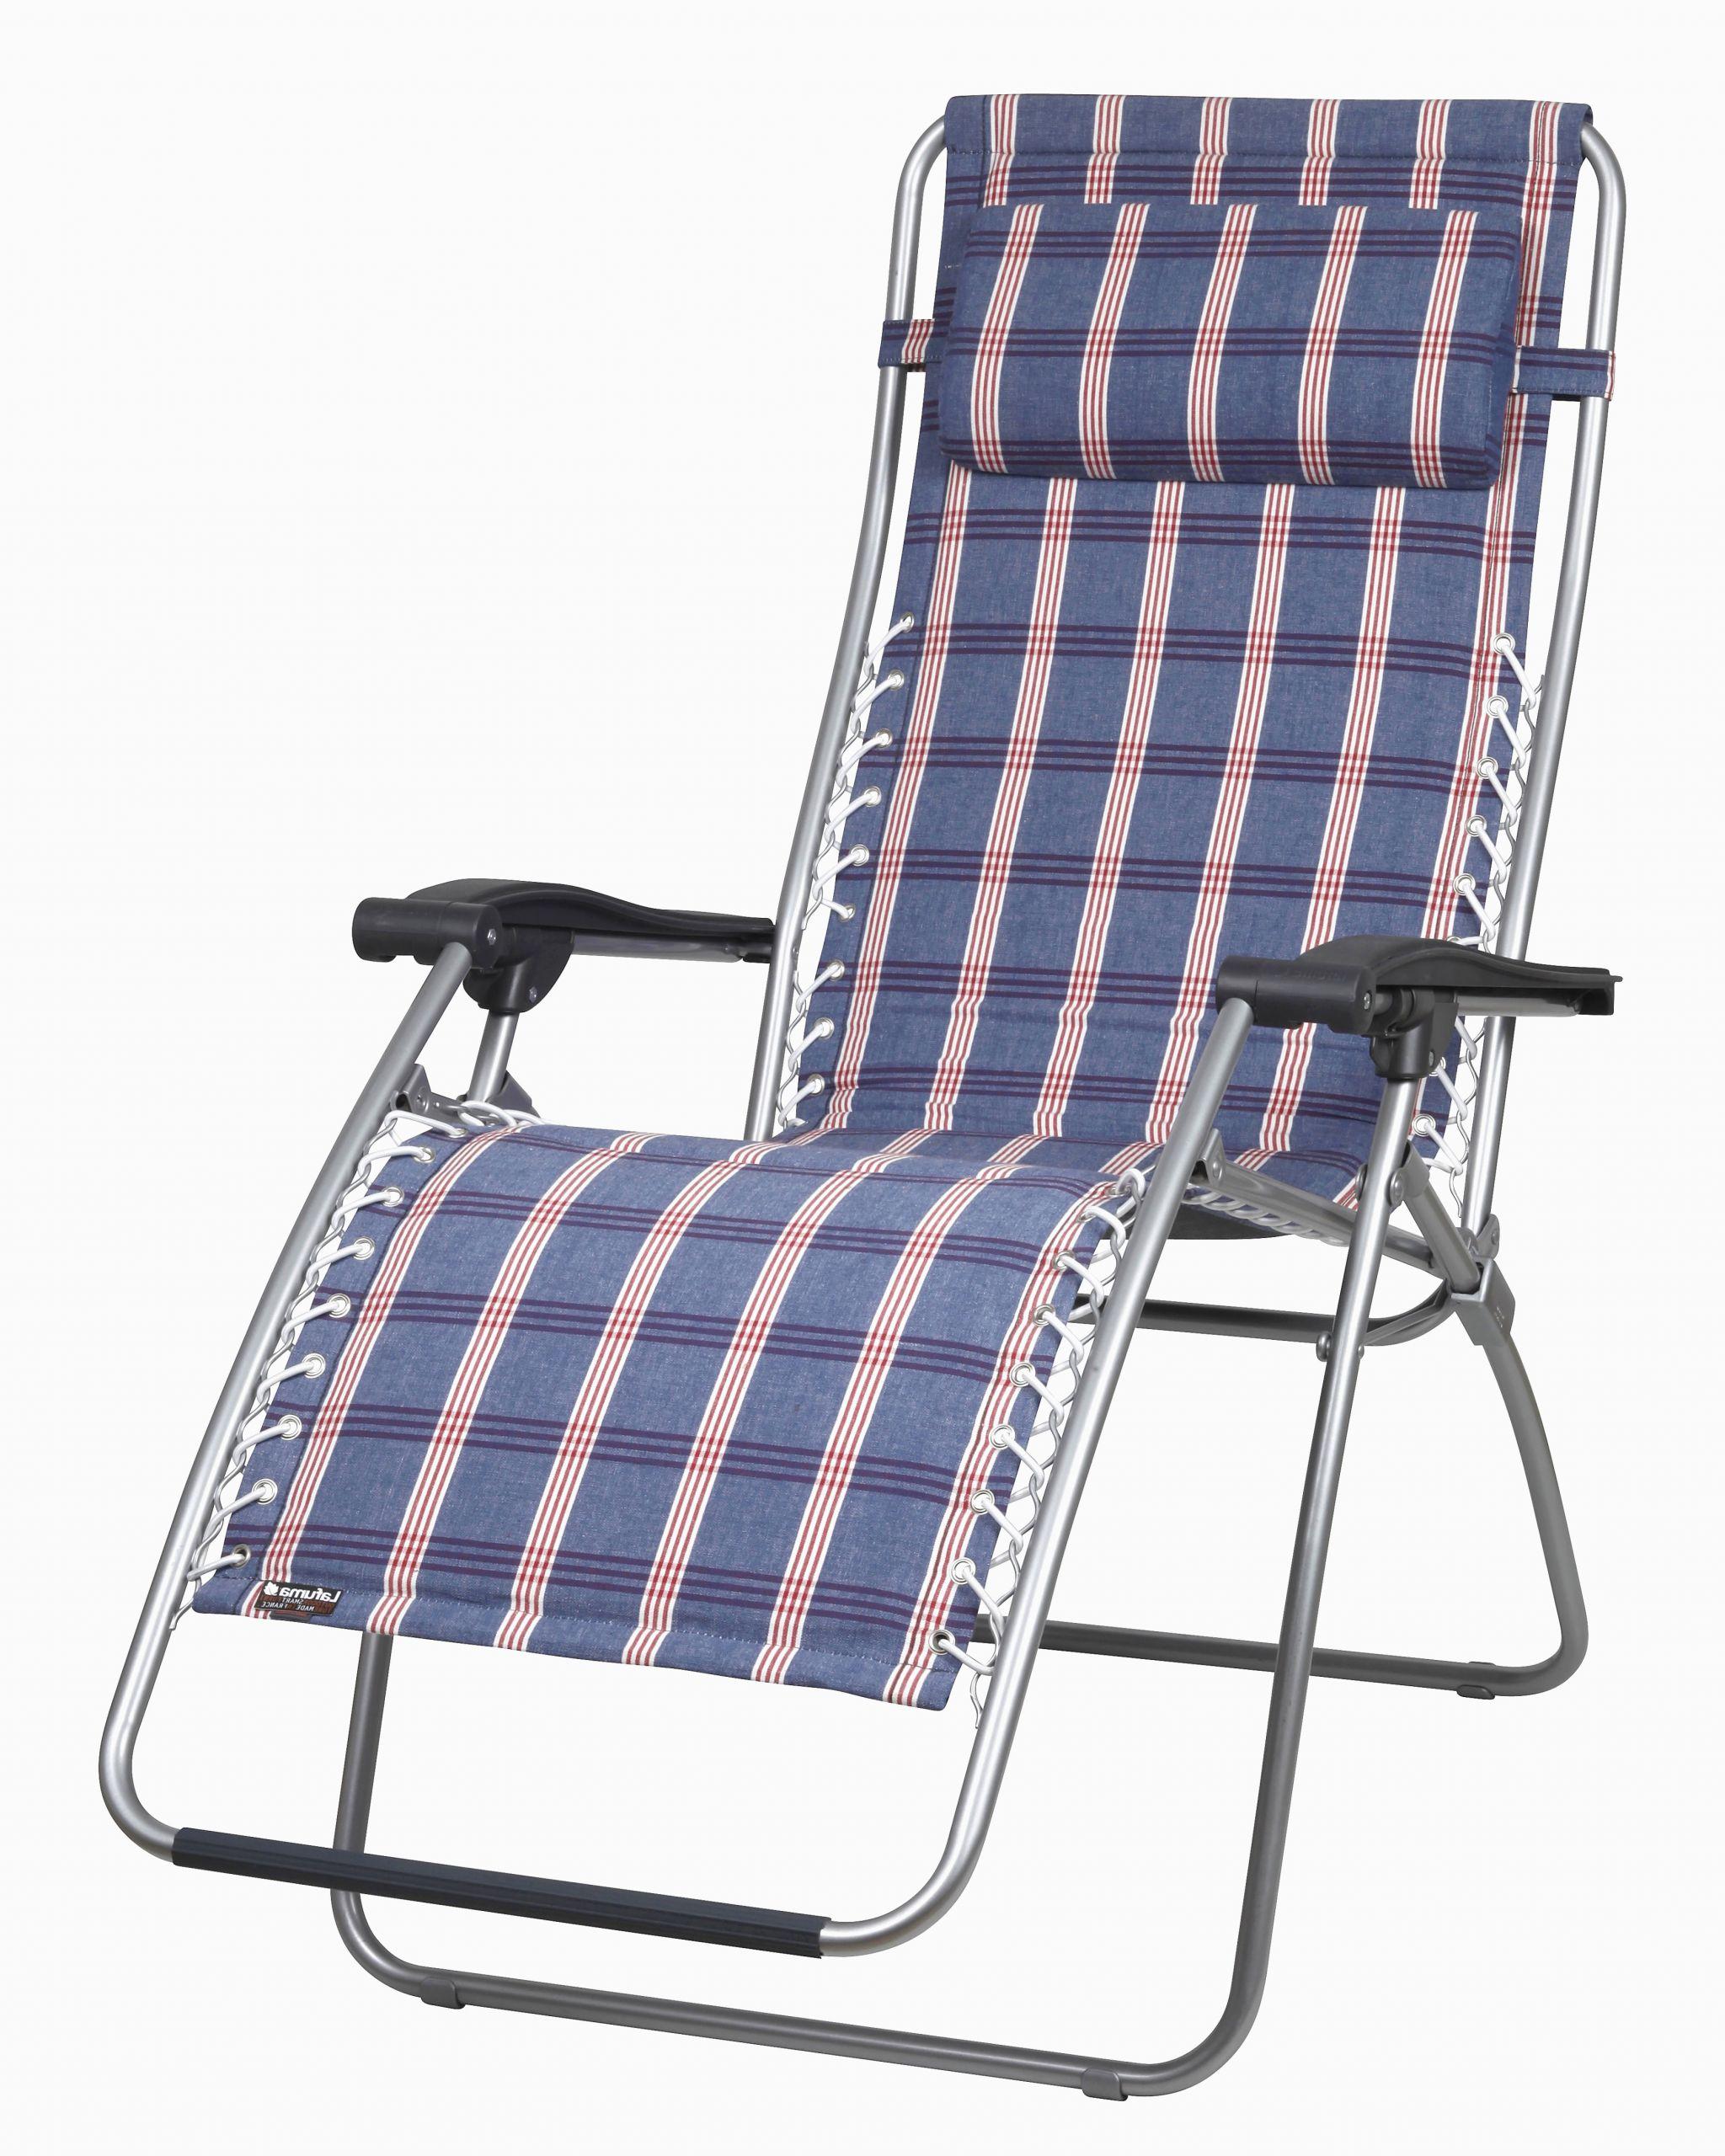 support hamac bois castorama de luxe chaise longue castorama frais enchantant chaise longue lafuma ou des images of support hamac bois castorama